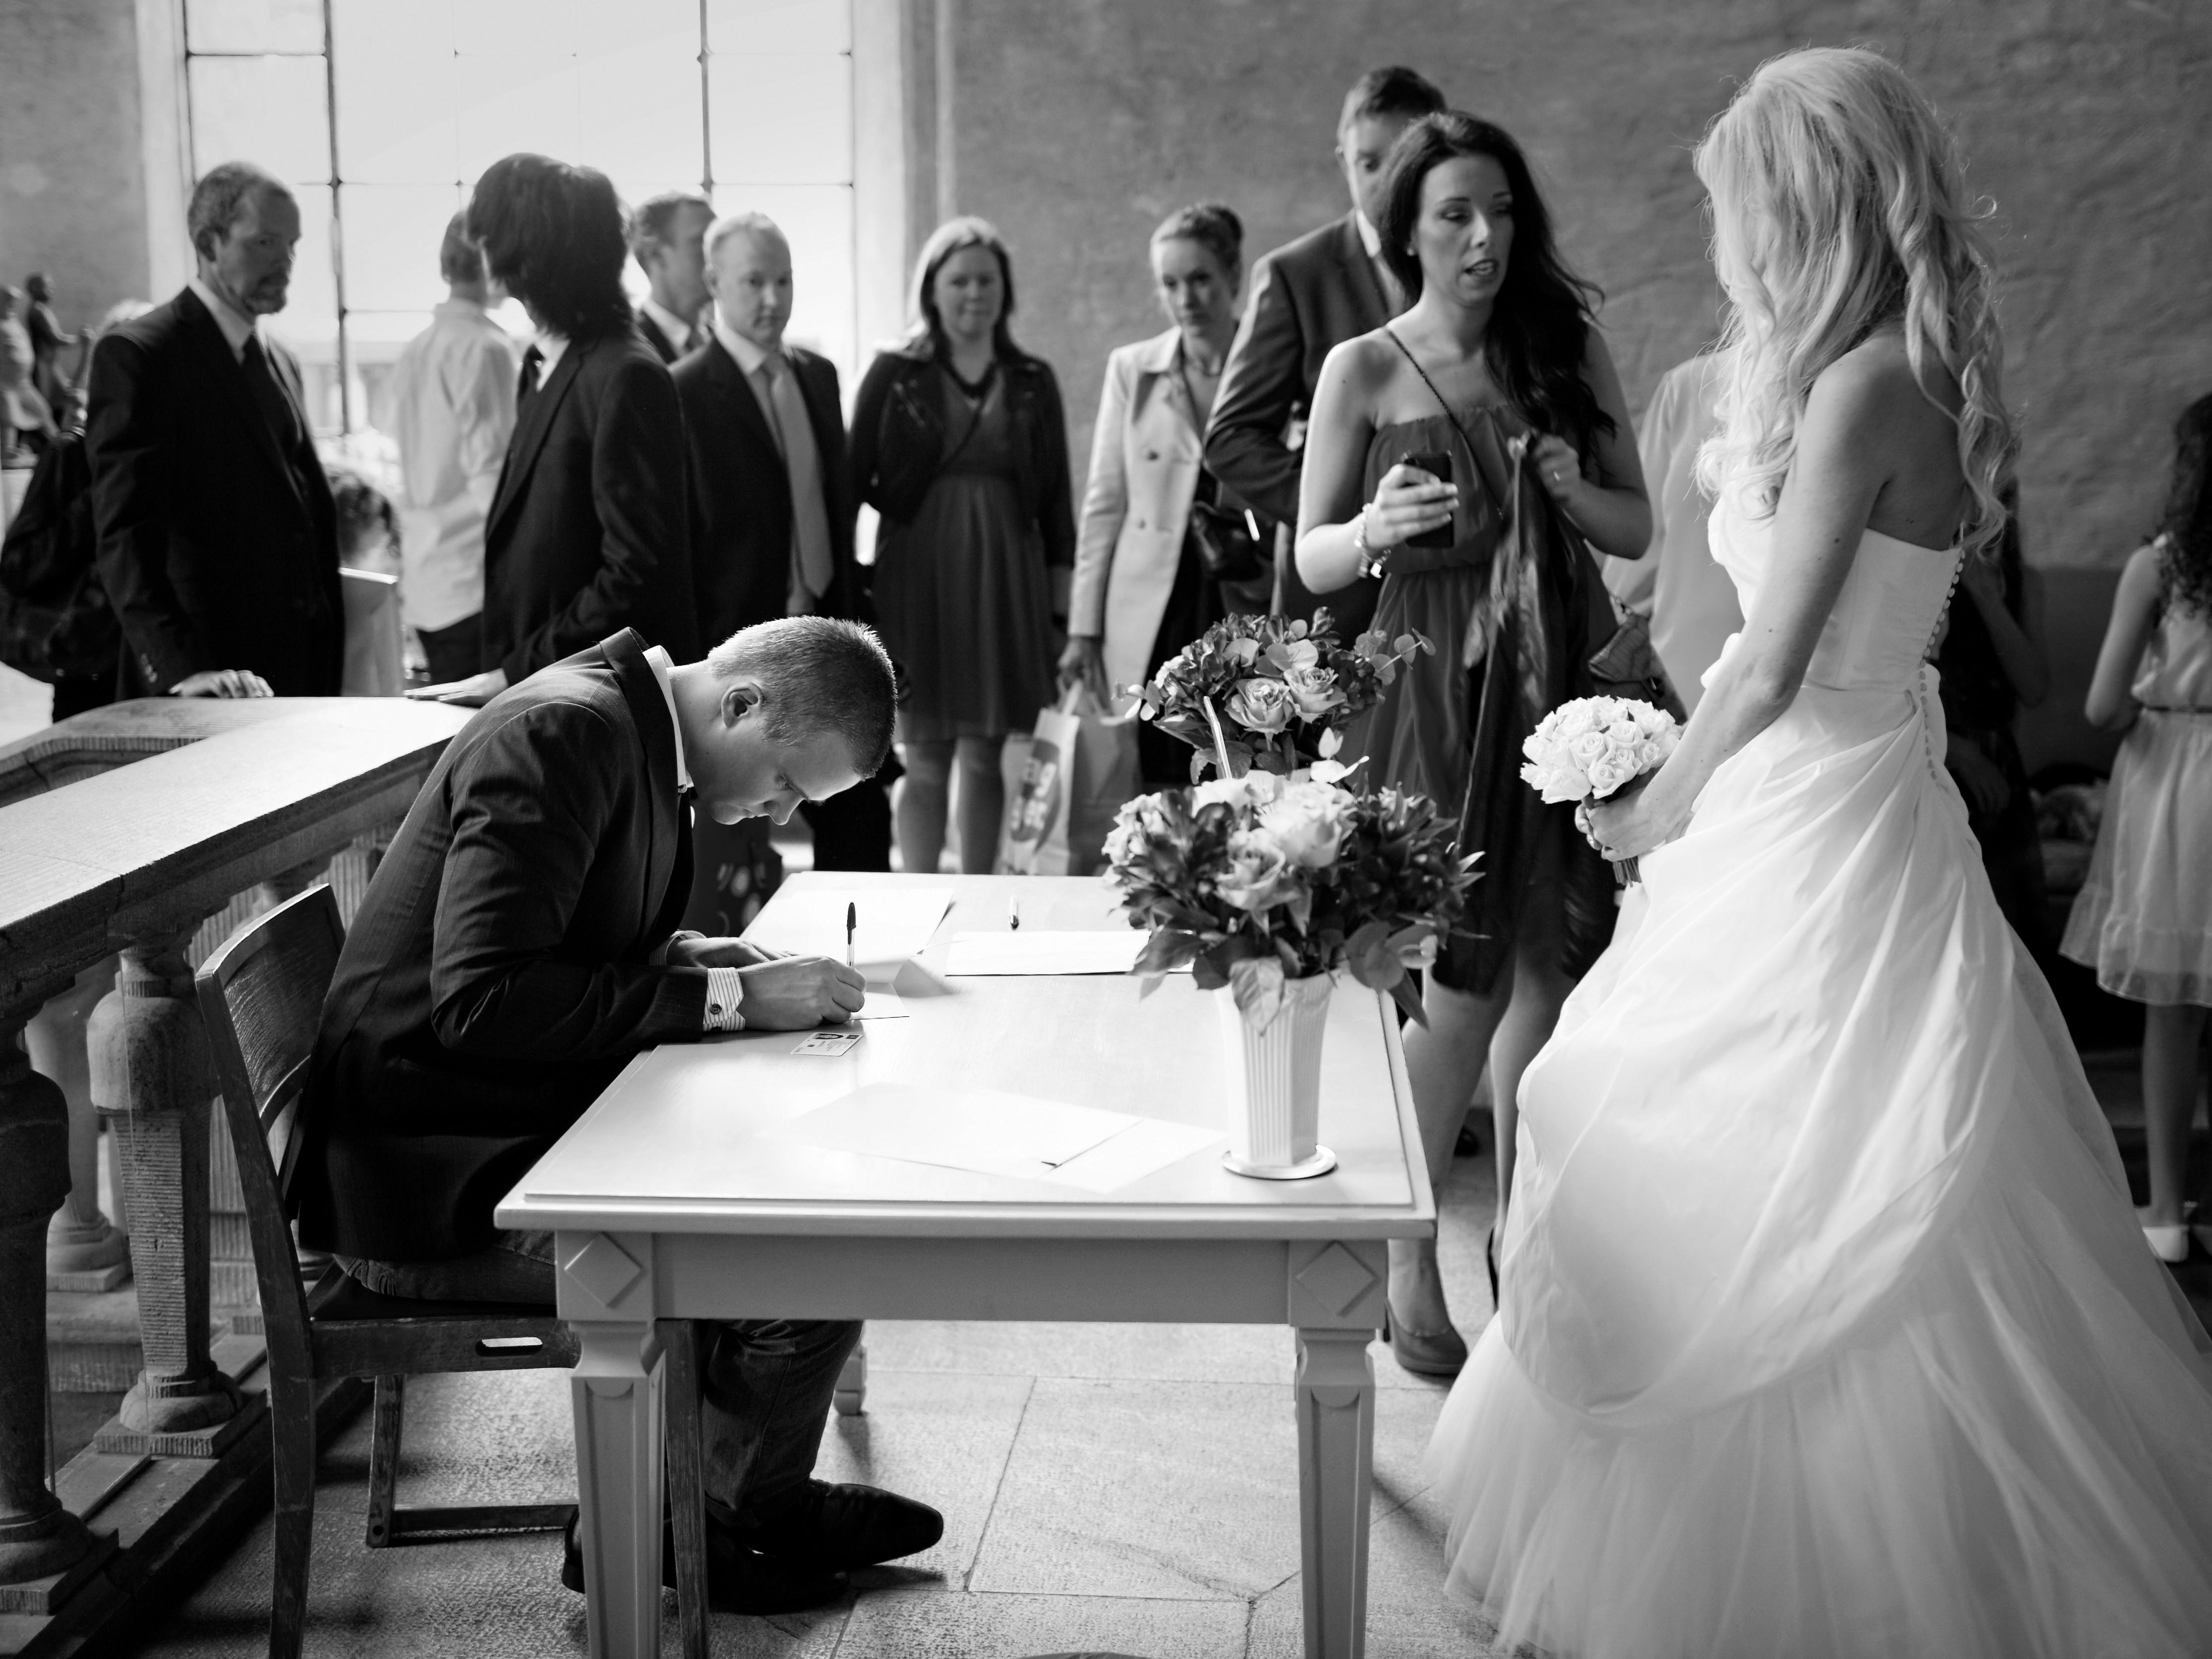 Bröllop - registrering